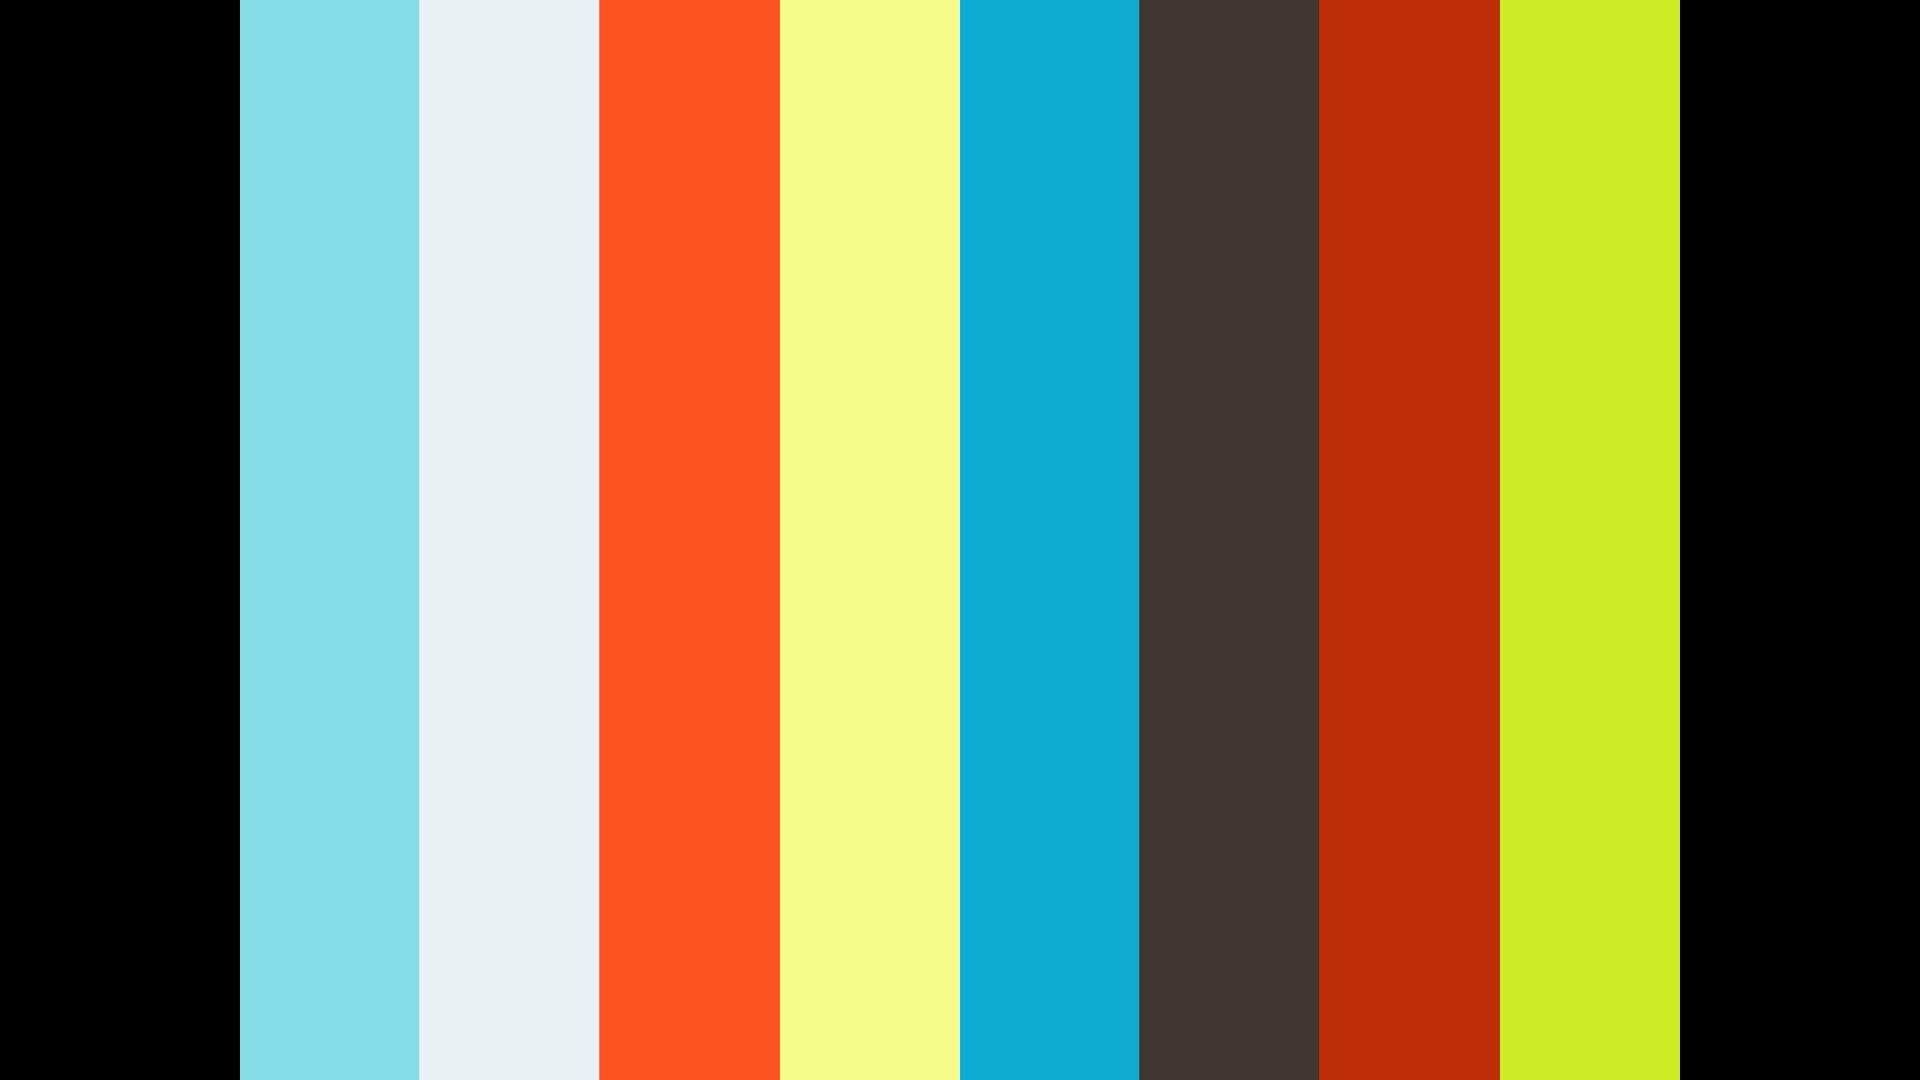 GIMP Dialogues -Troubleshoot Moving Dialogues - GIMP 2.6 and 2.8